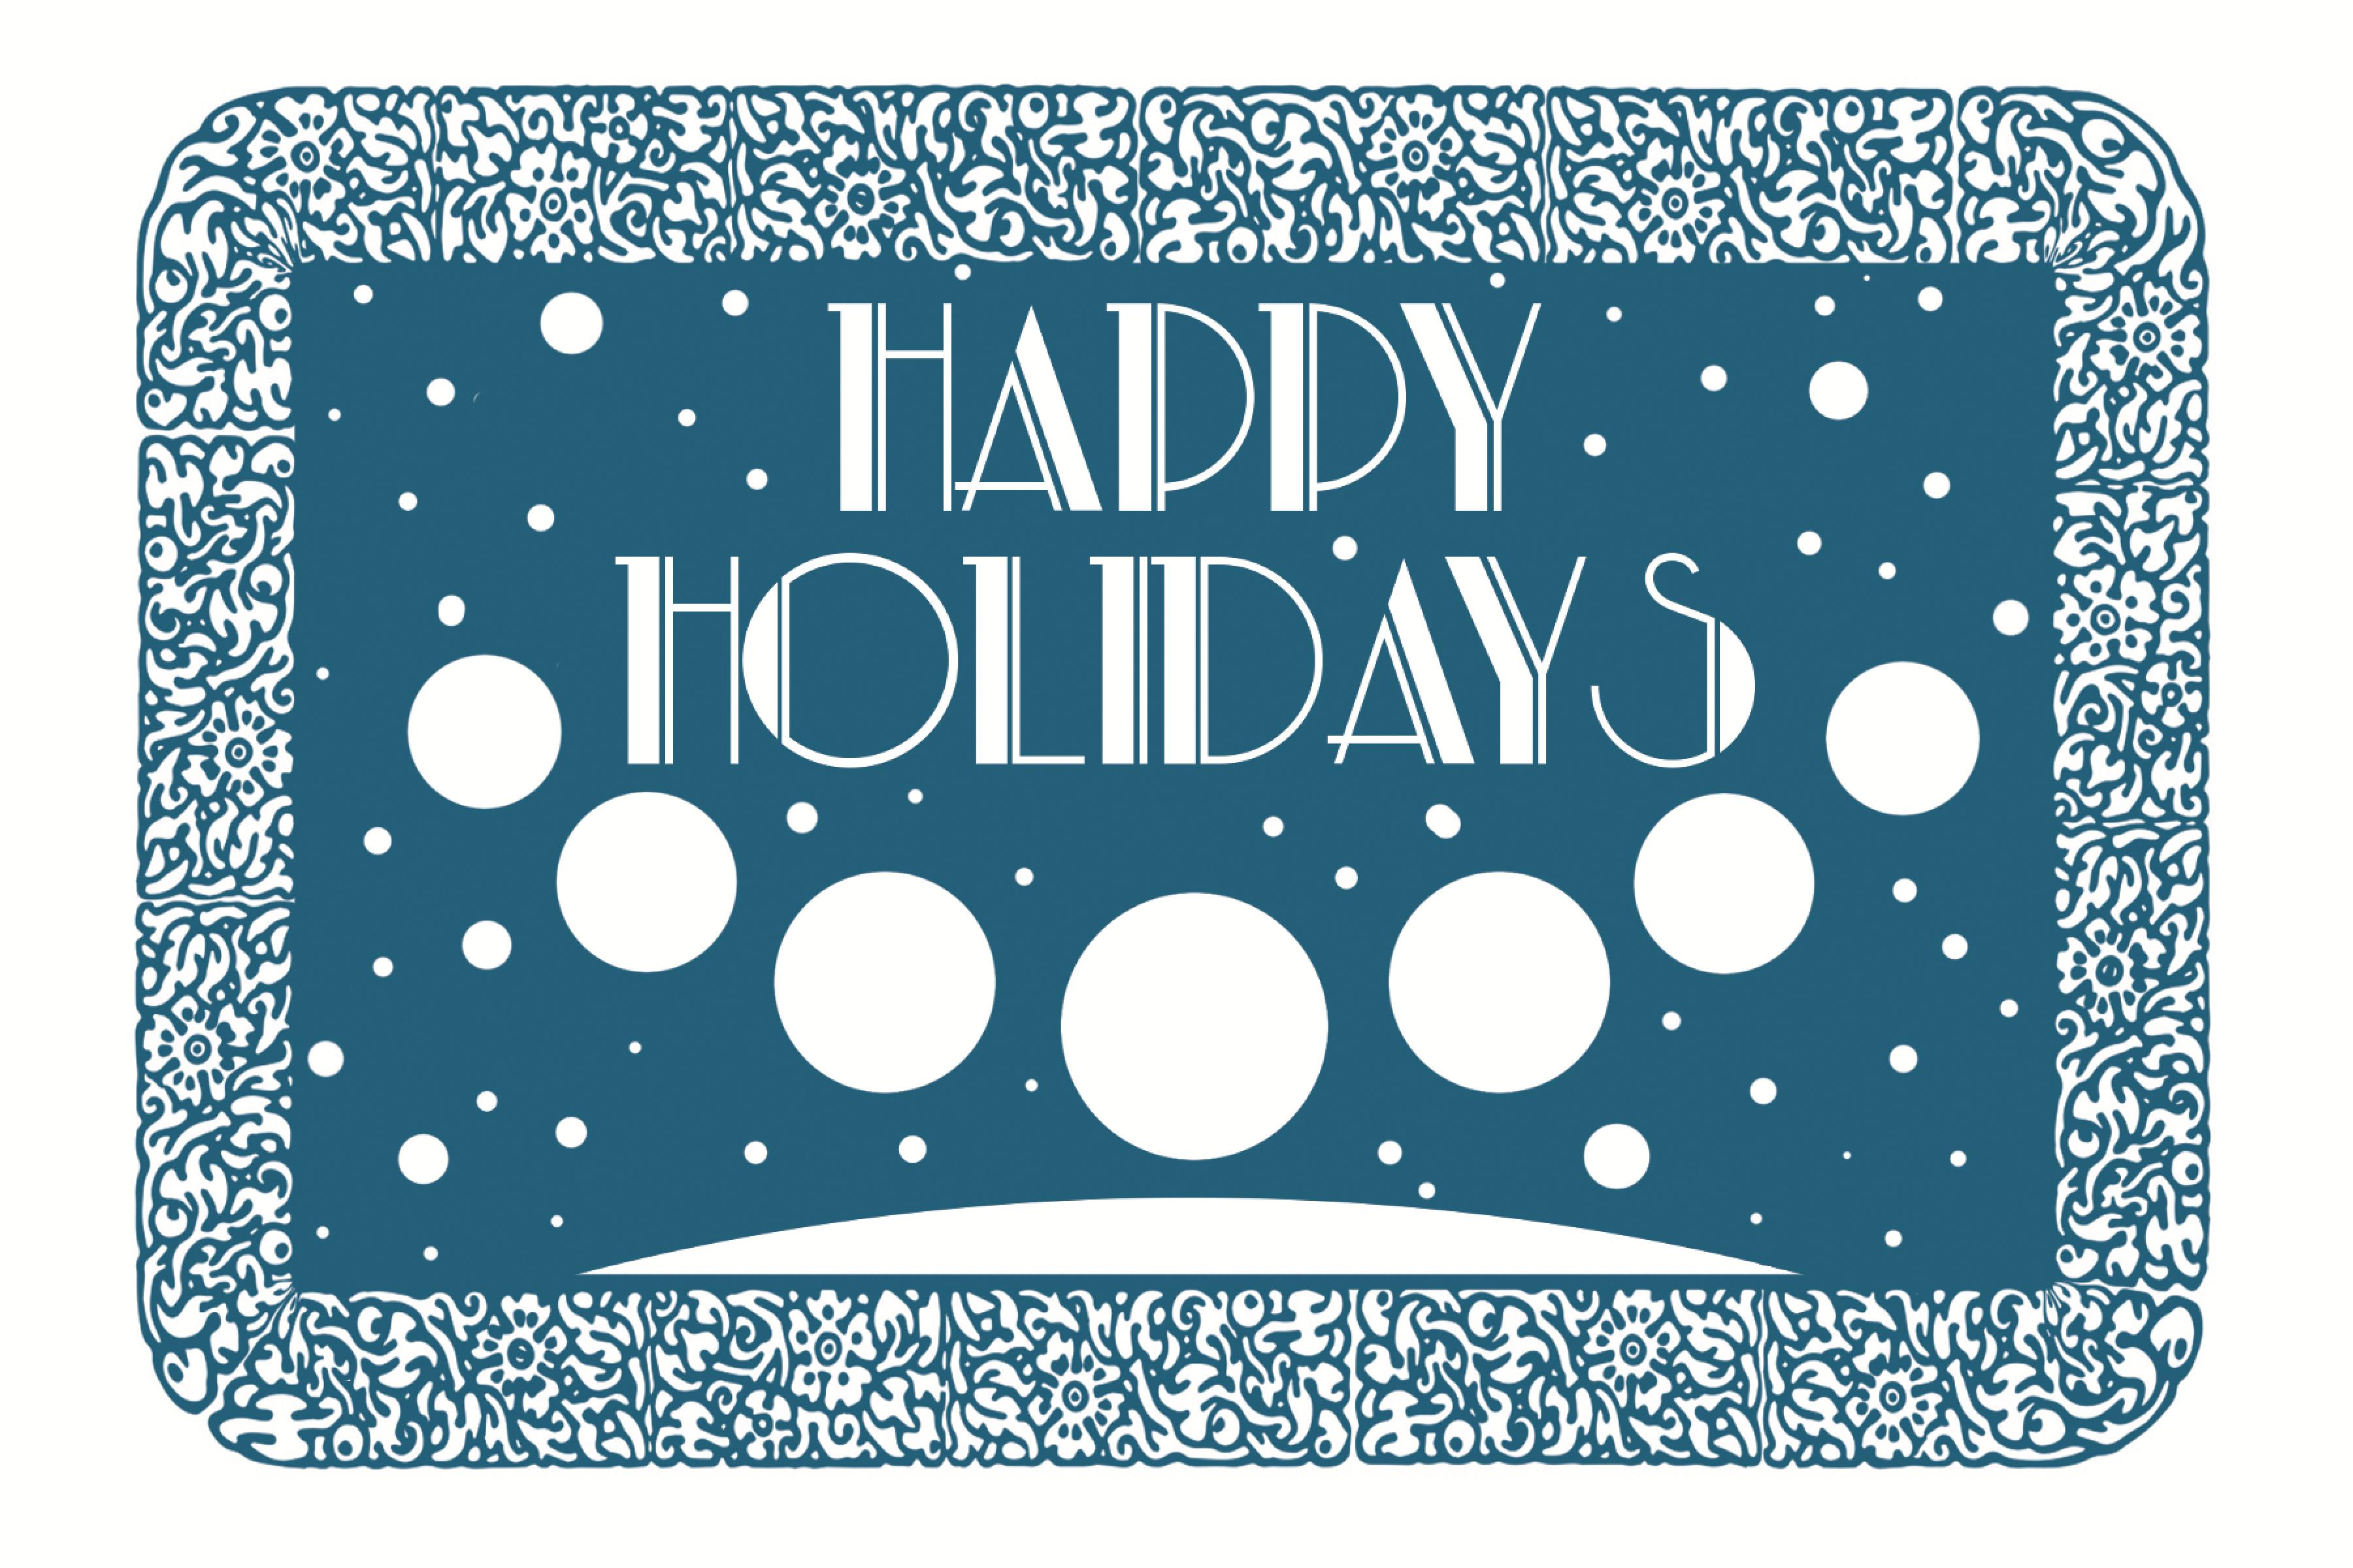 Happy Holidays from Radix Media!